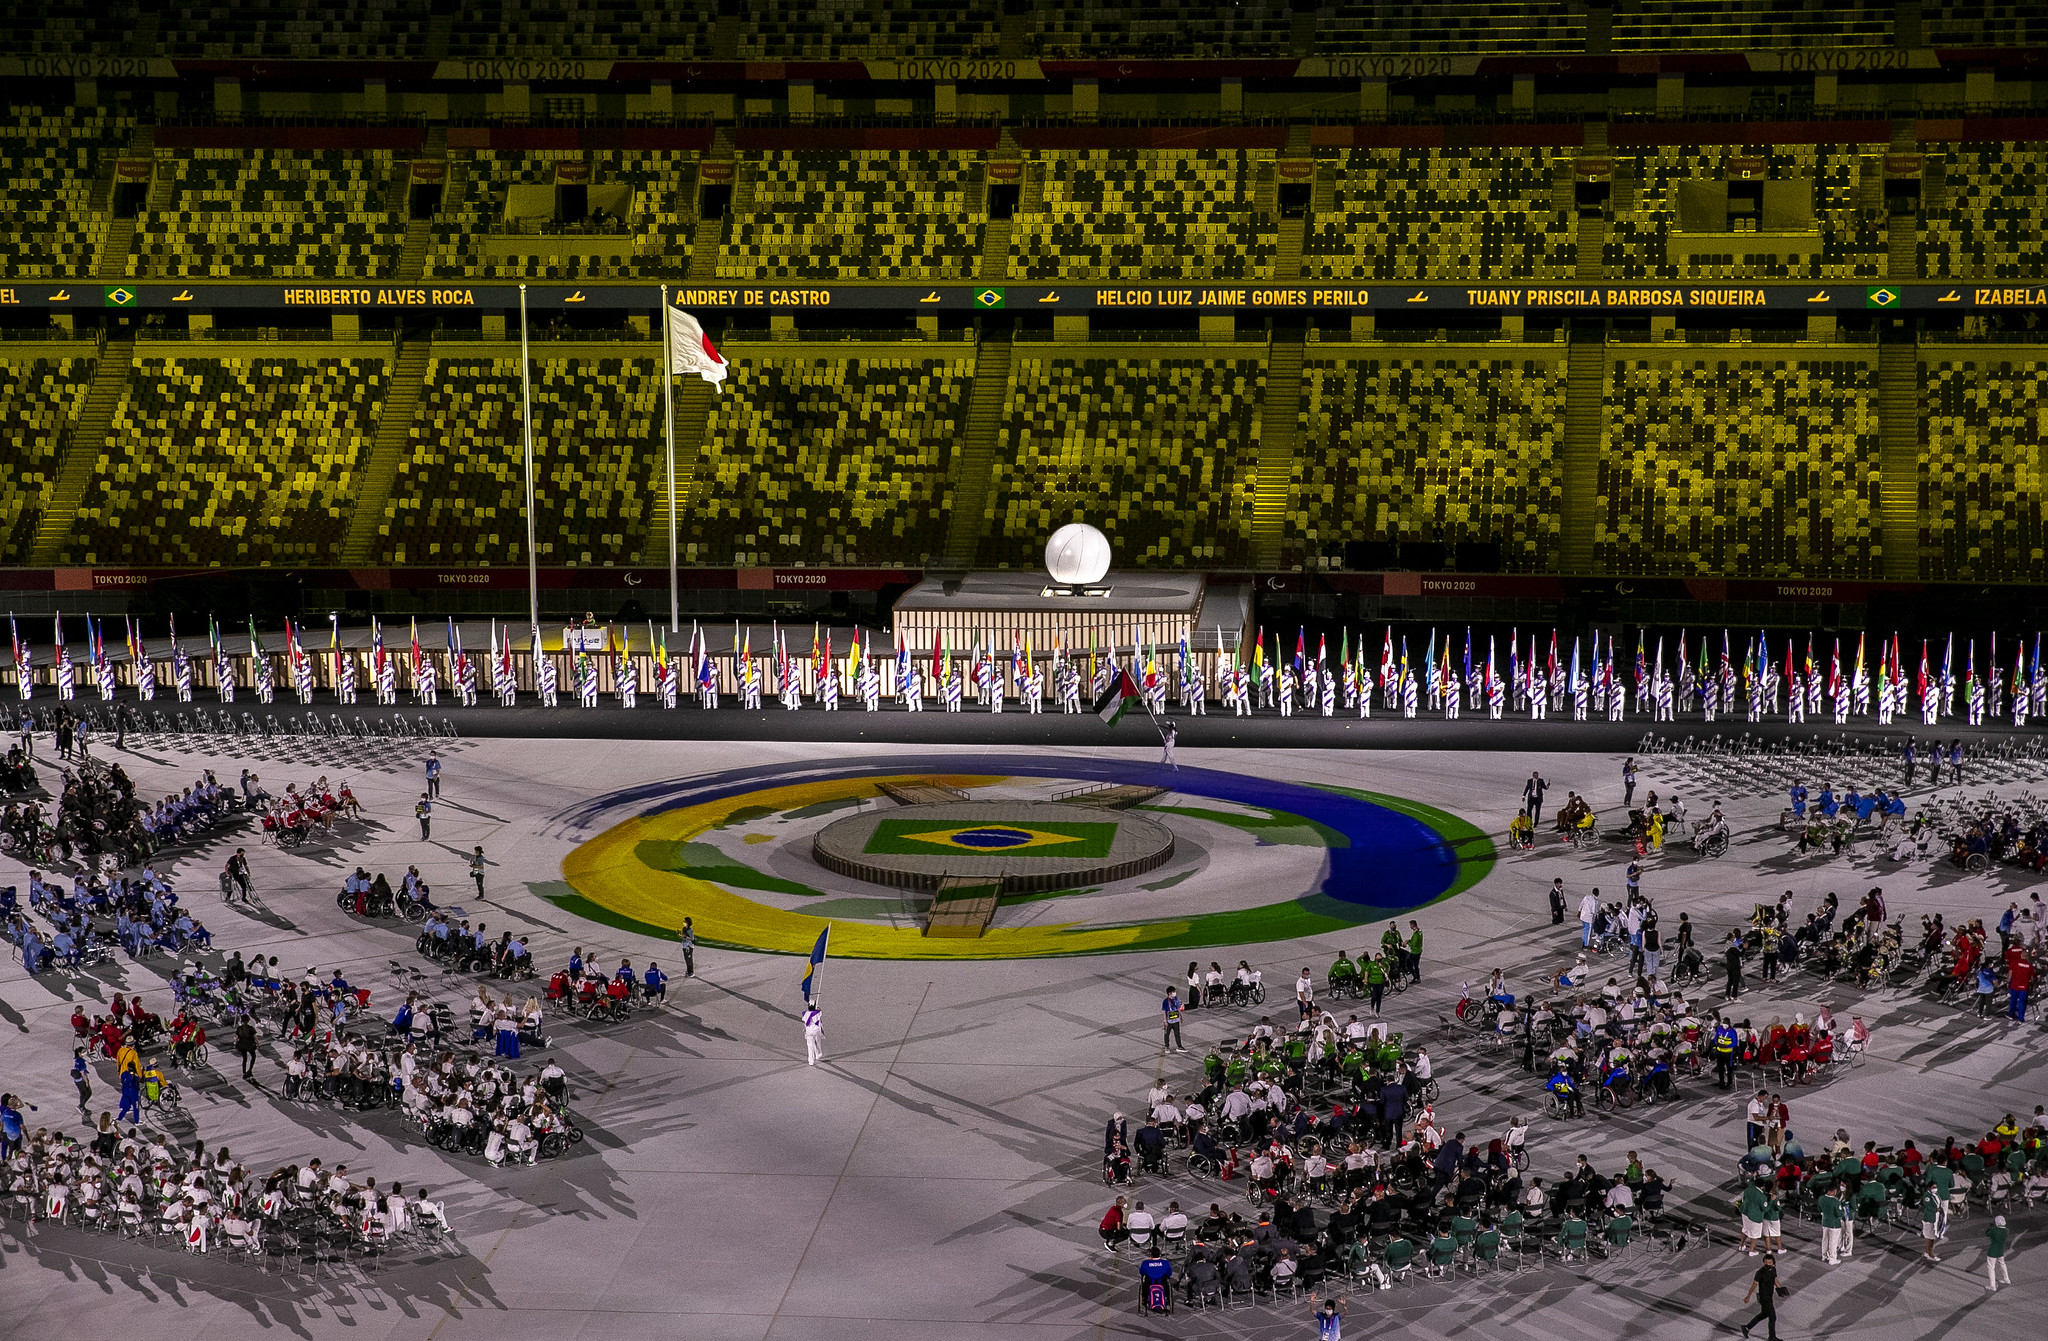 A foto foi feita em uma parte da cerimônia de abertura dos Jogos Paralímpicos de Tóquio. Há um tablado central no estádio com a bandeira e as cores do Brasil. Diversos atletas paralímpicos aparecem distribuídos no local.